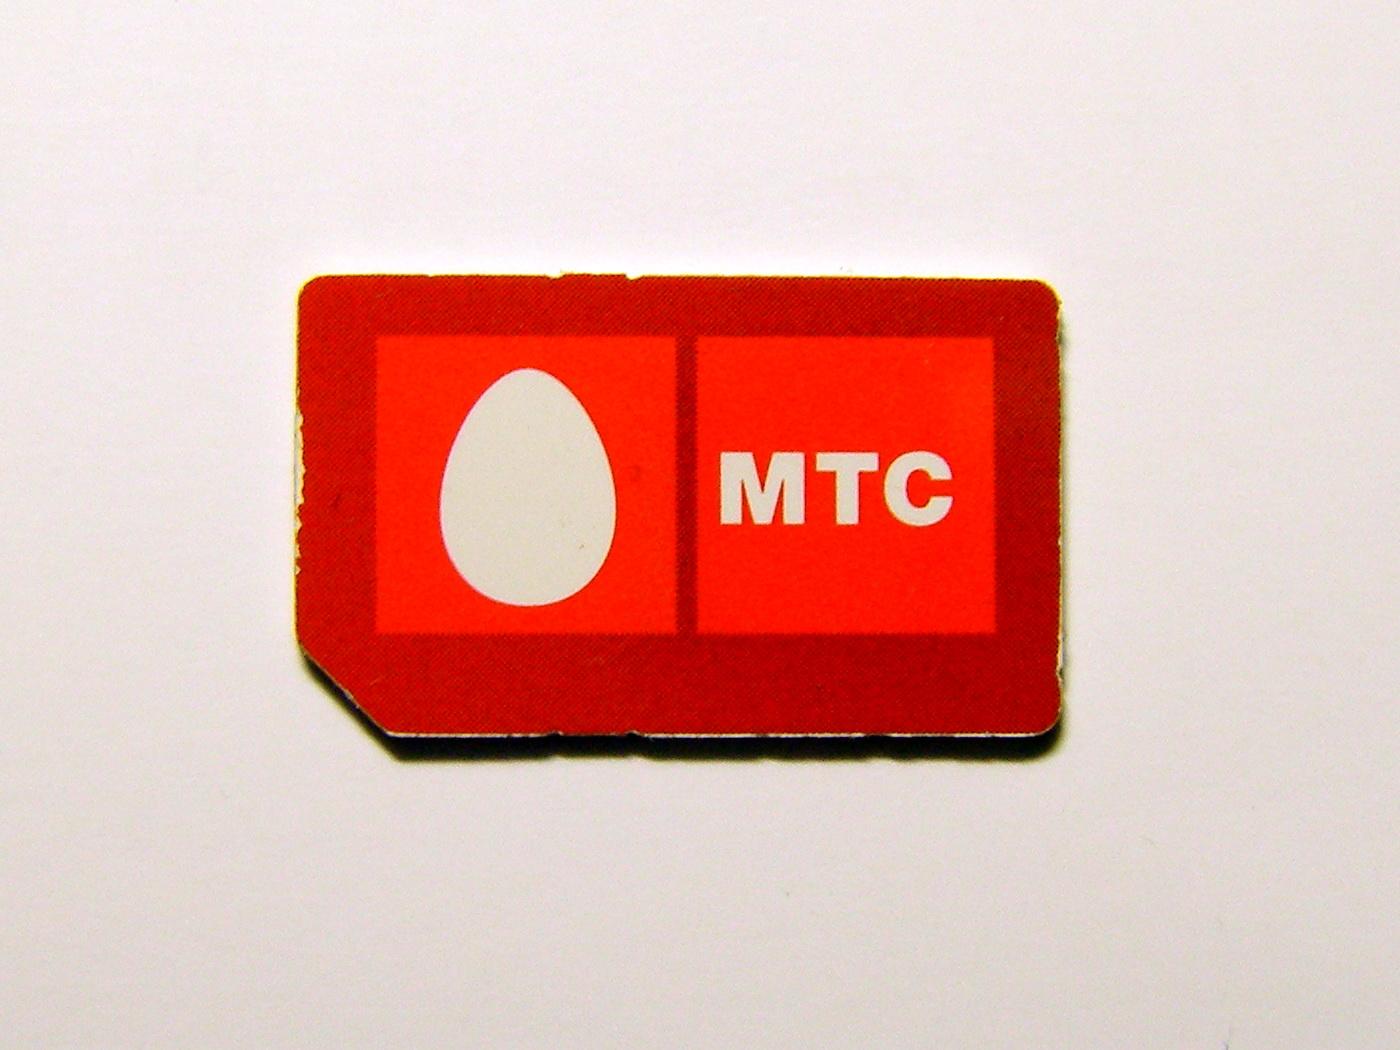 узнать на кого оформлен номер телефона по номеру микрозаймы офисы в москве